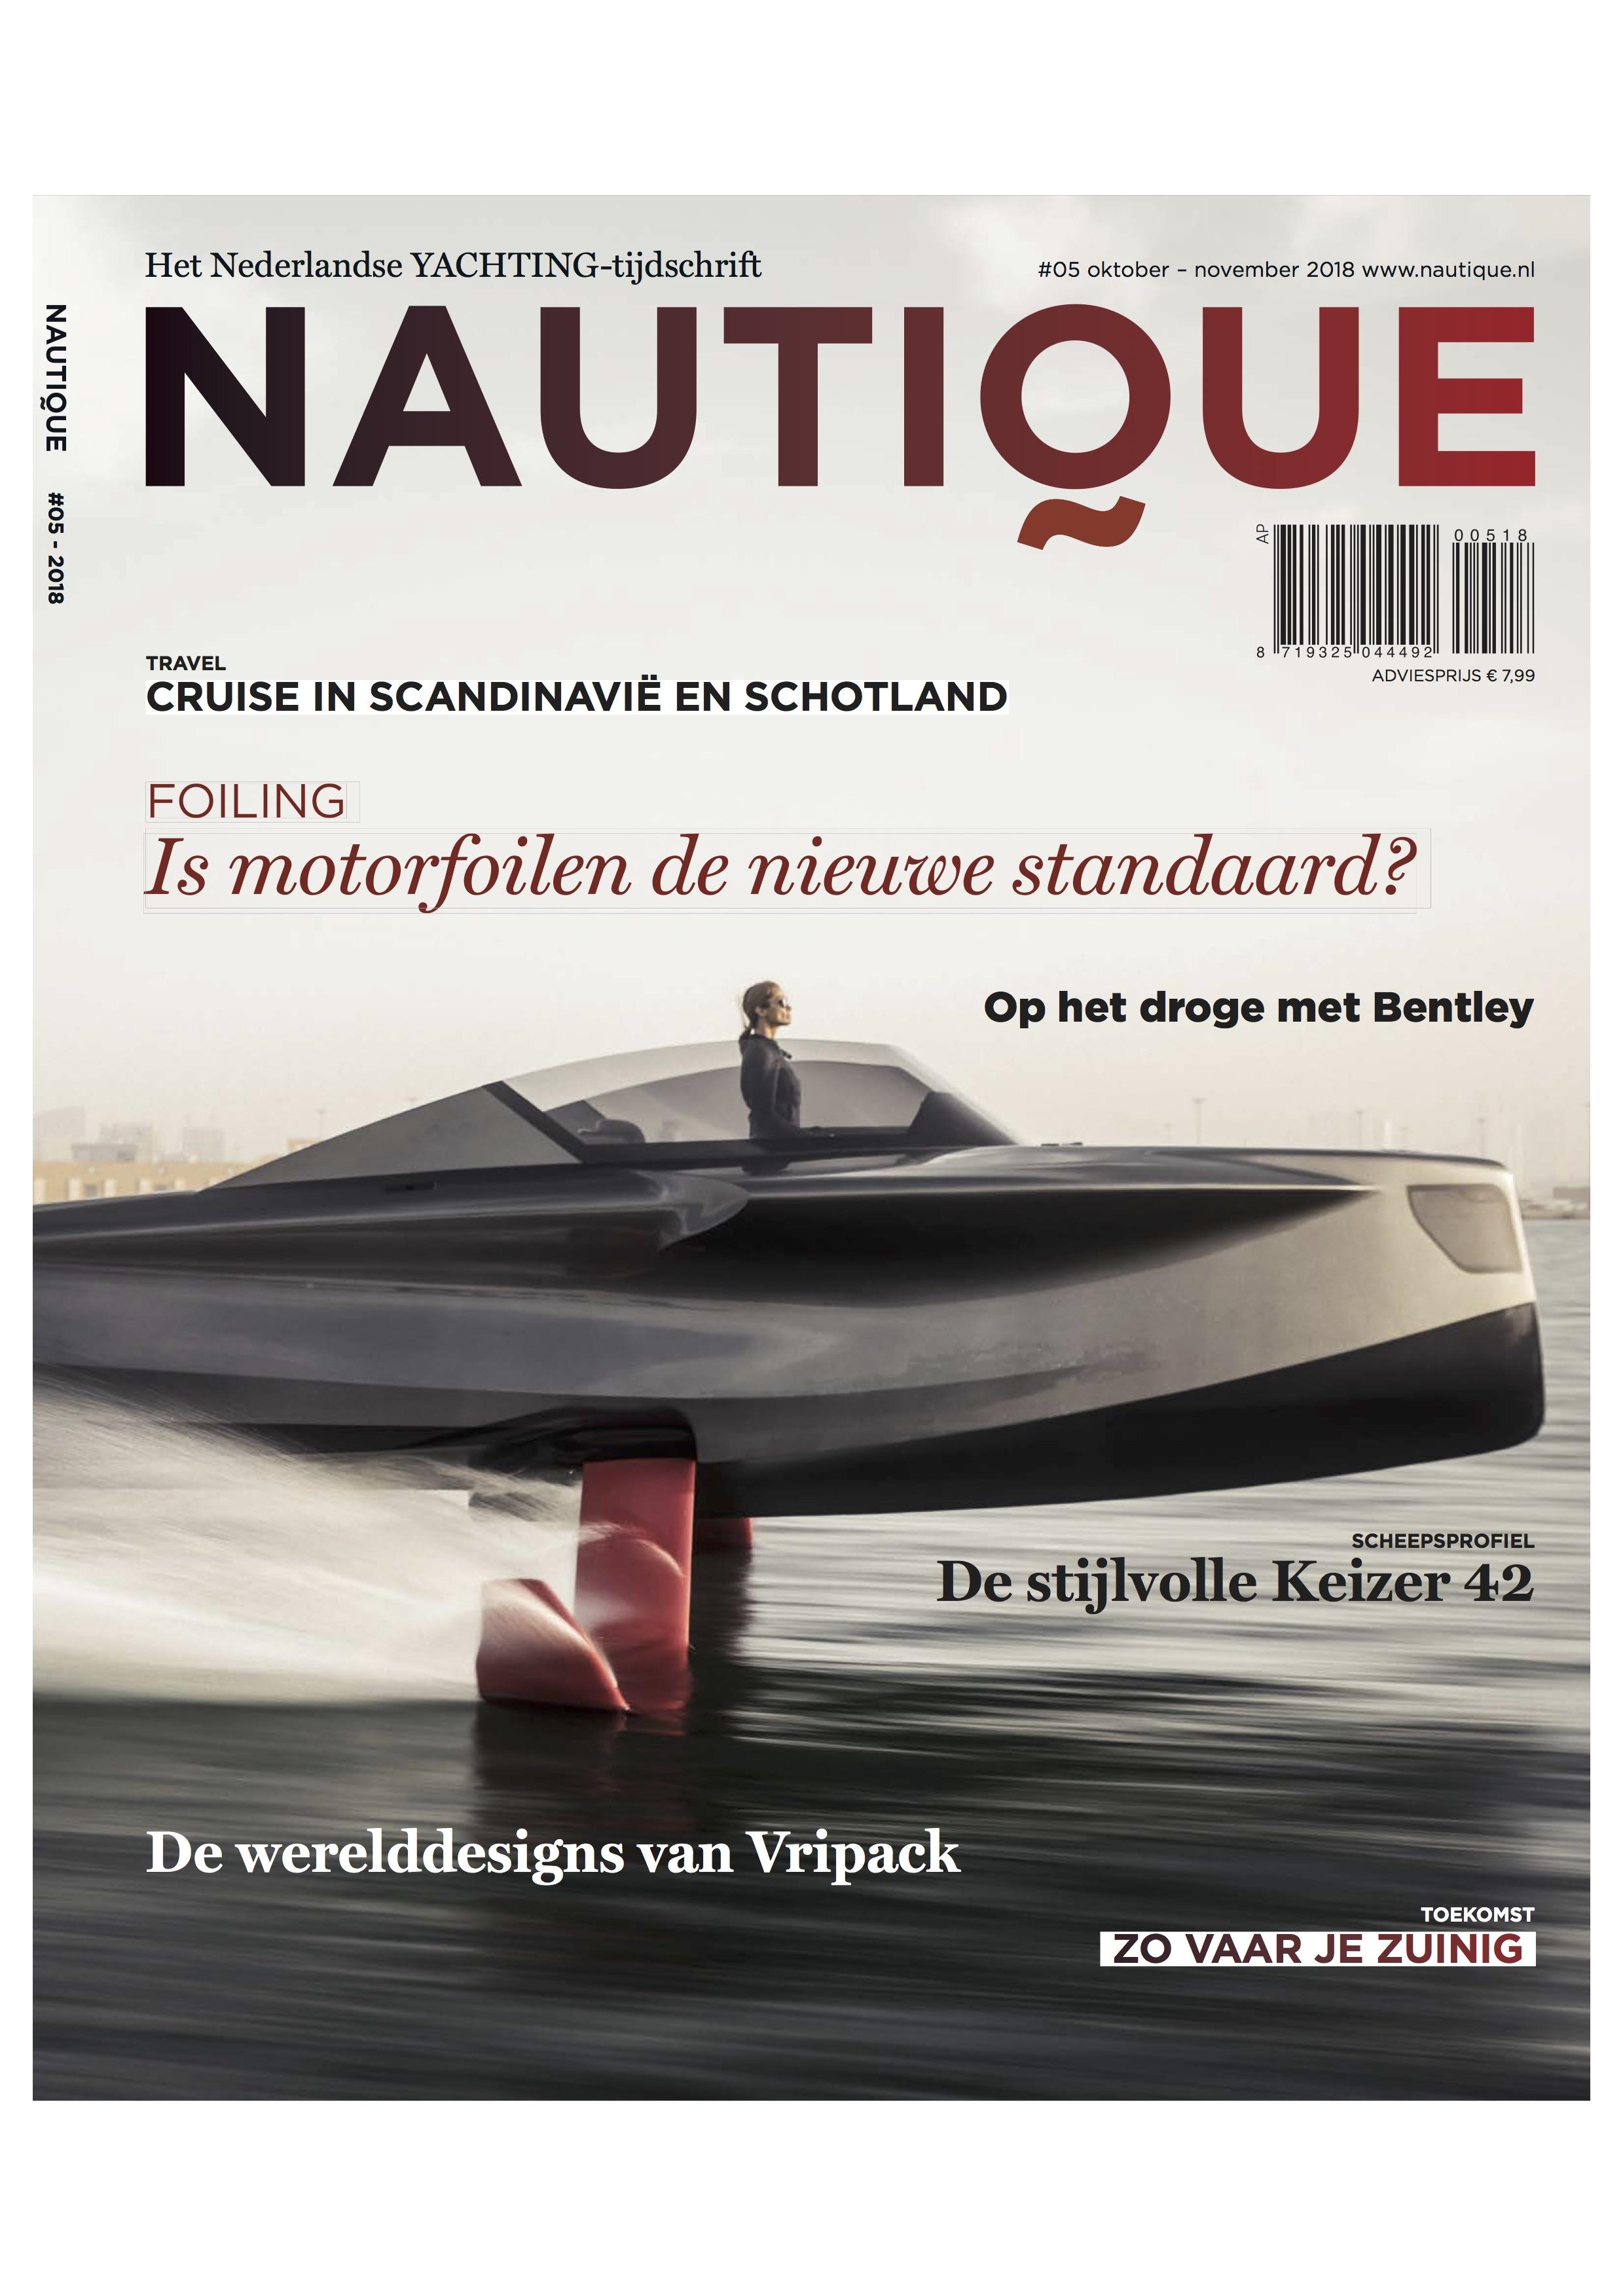 Afbeeldingsresultaat voor nautique magazine nederland cover